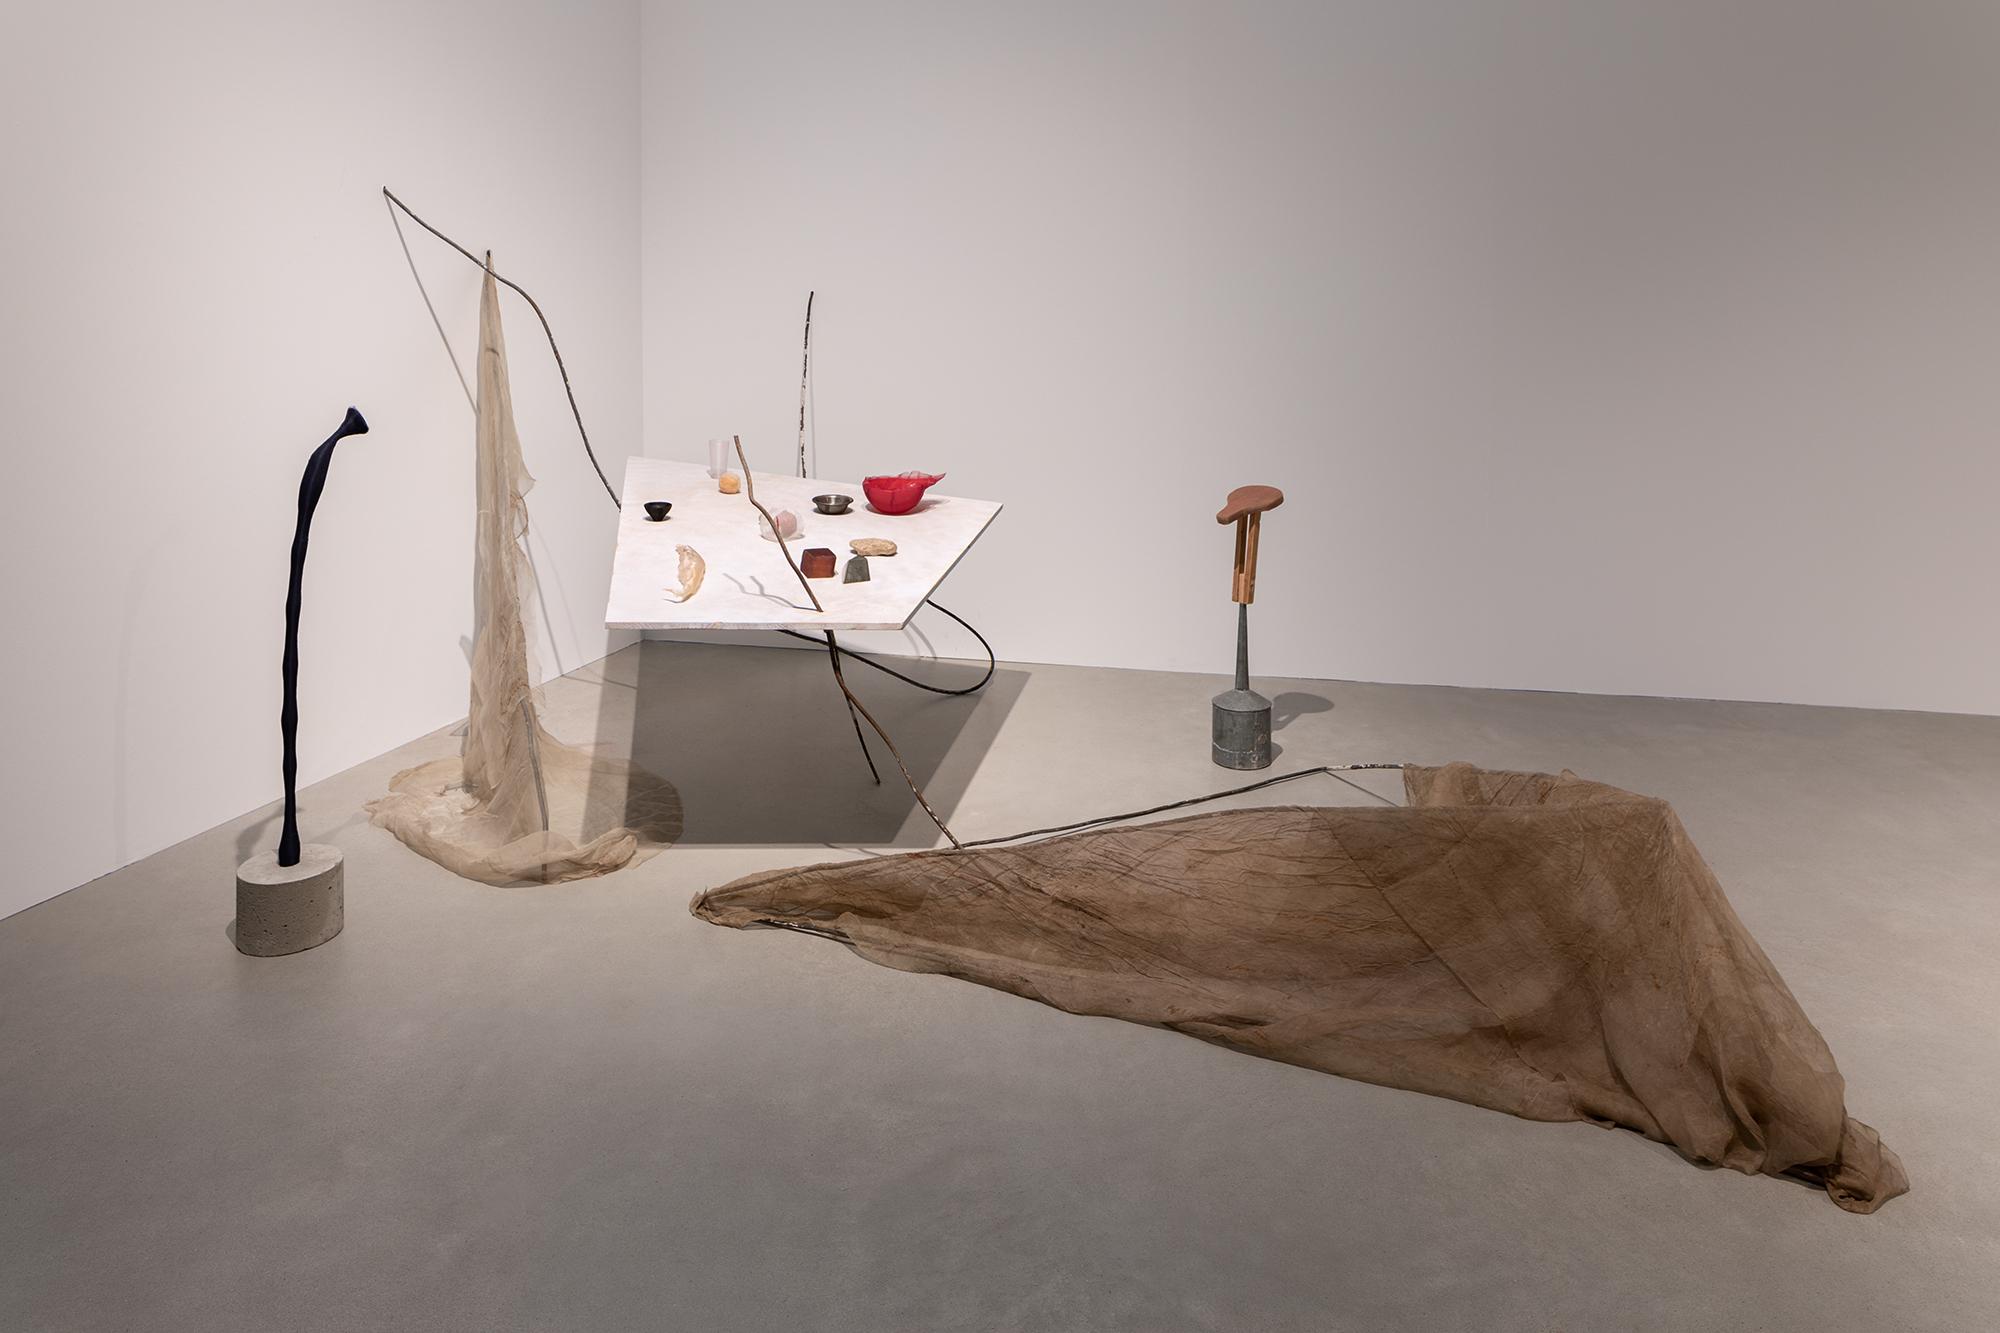 """Hu Xiaoyuan, Installationsansicht der Ausstellung """"Umbruch"""" © Courtesy of the artist and Beijing Commune Kunsthalle Mannheim/Foto: Rainer Diehl"""